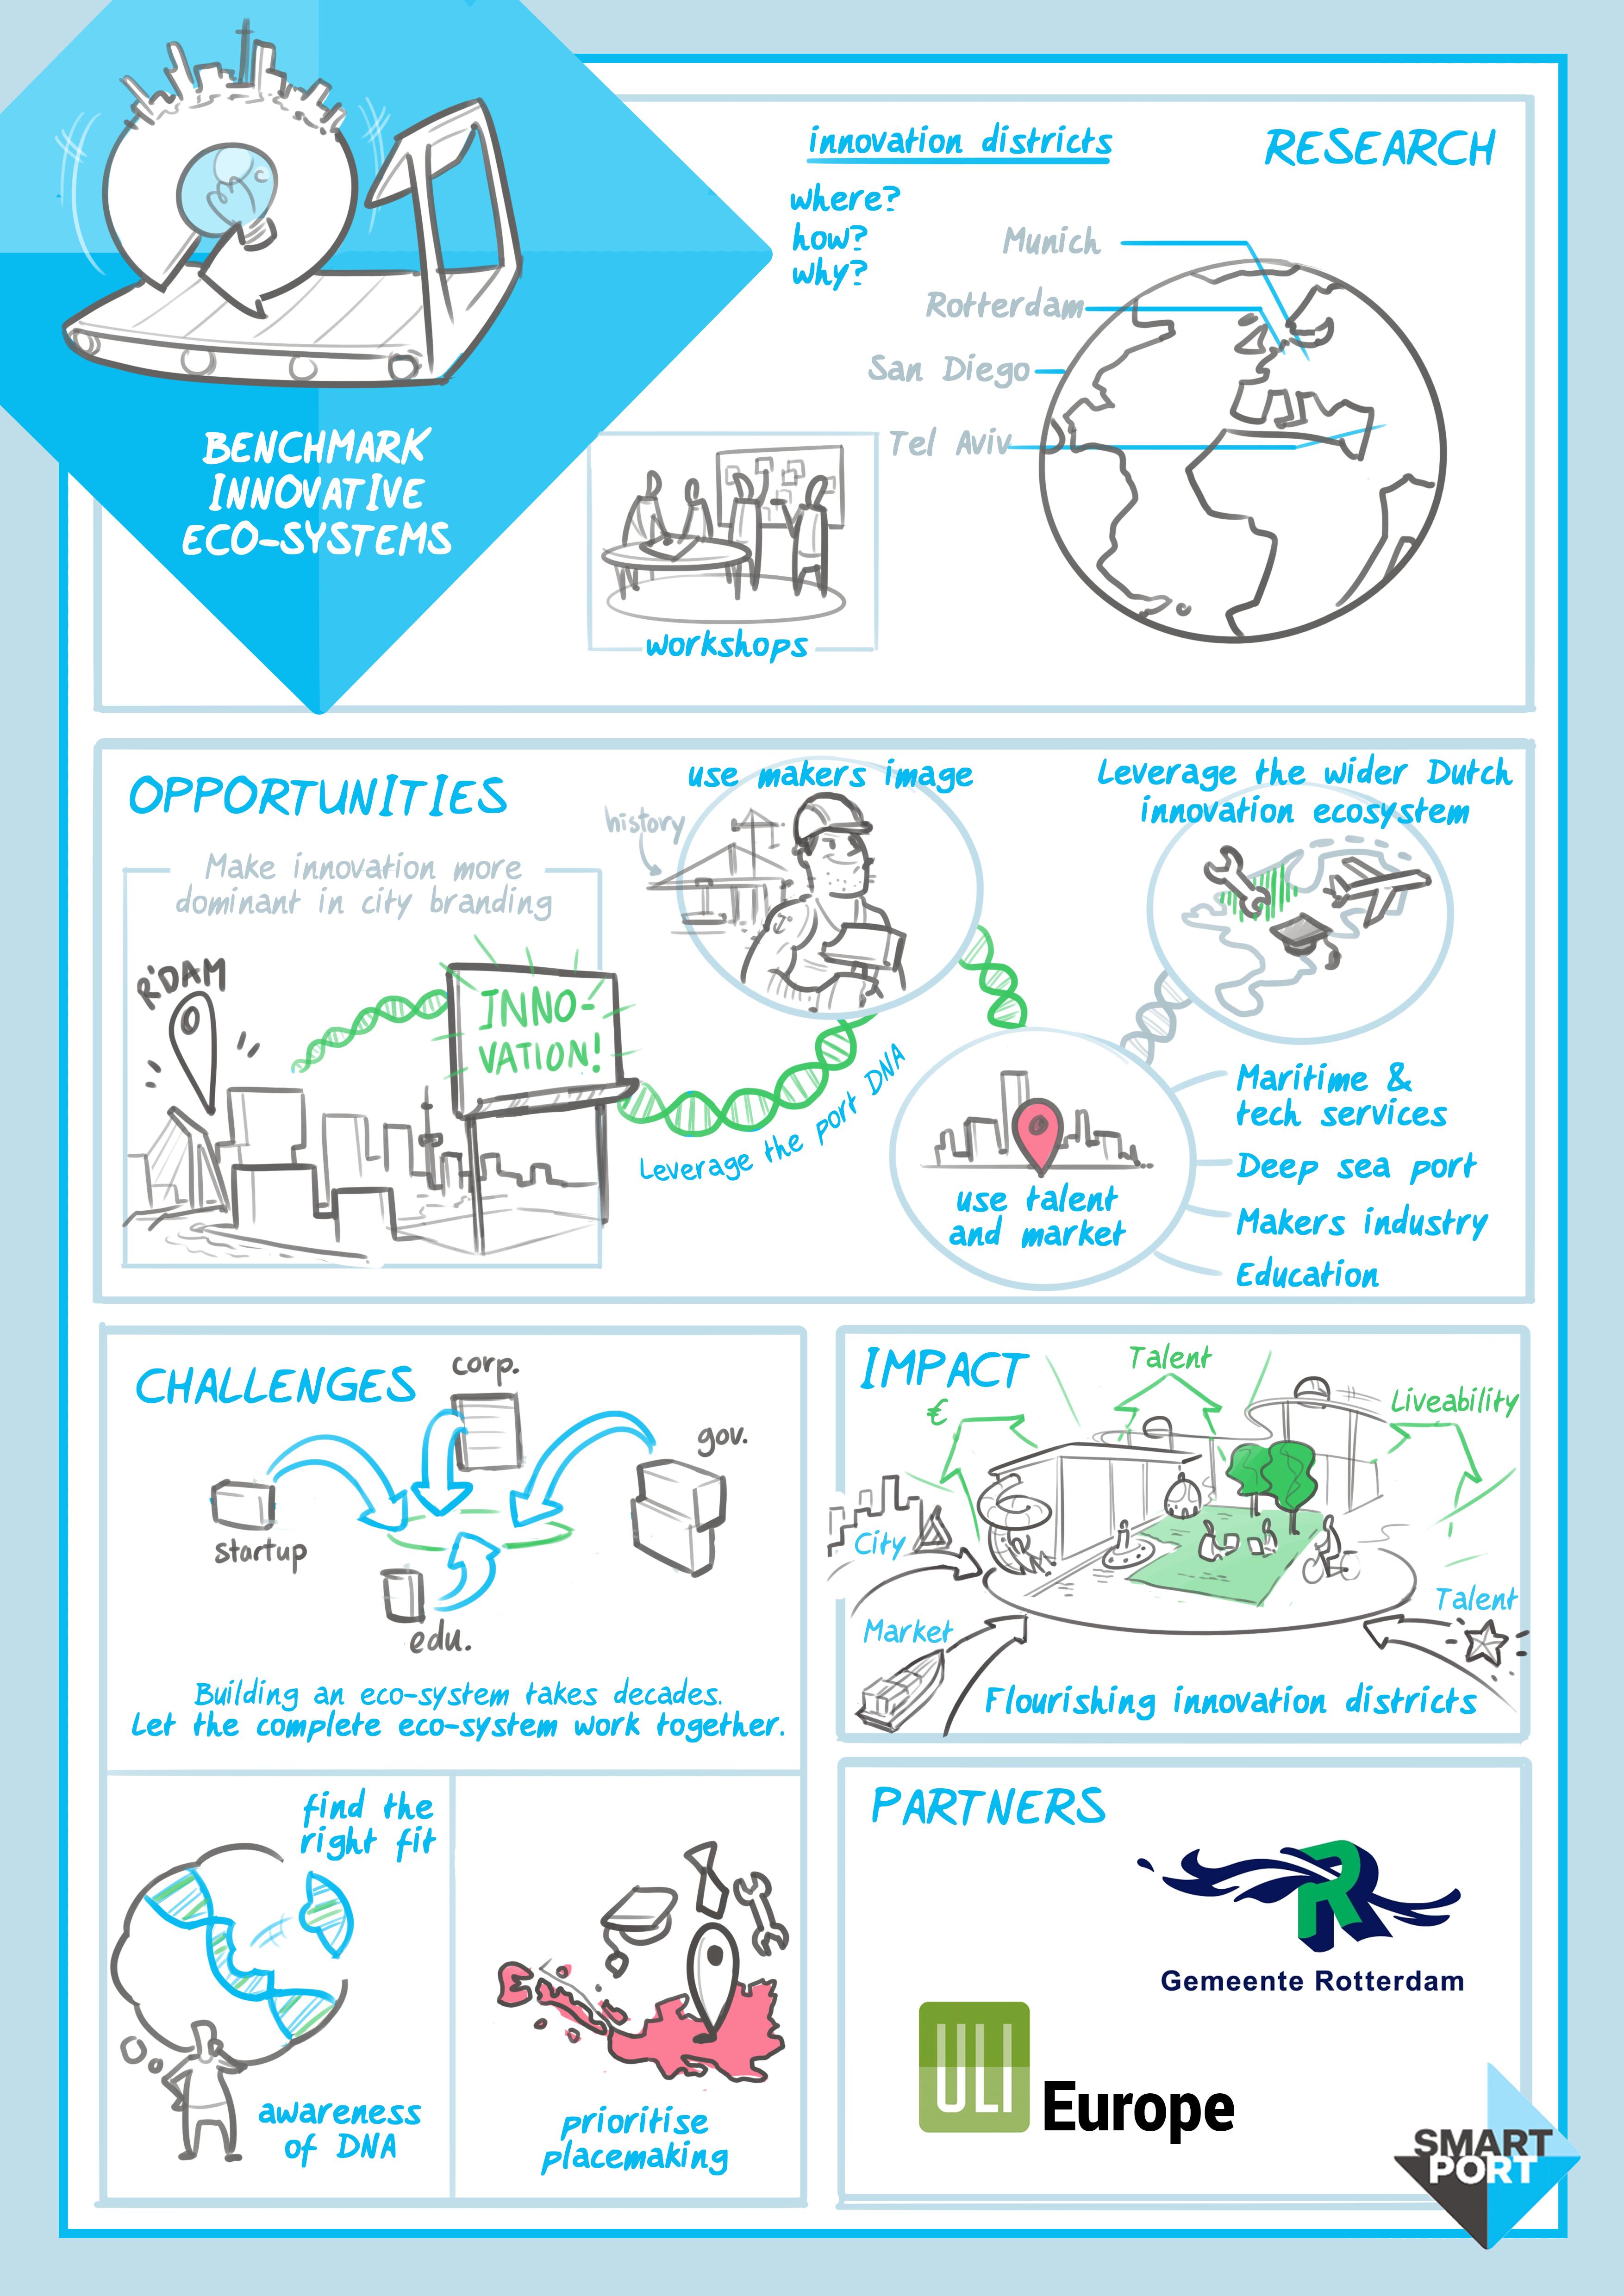 Benchmark innovatie-ecosystemen